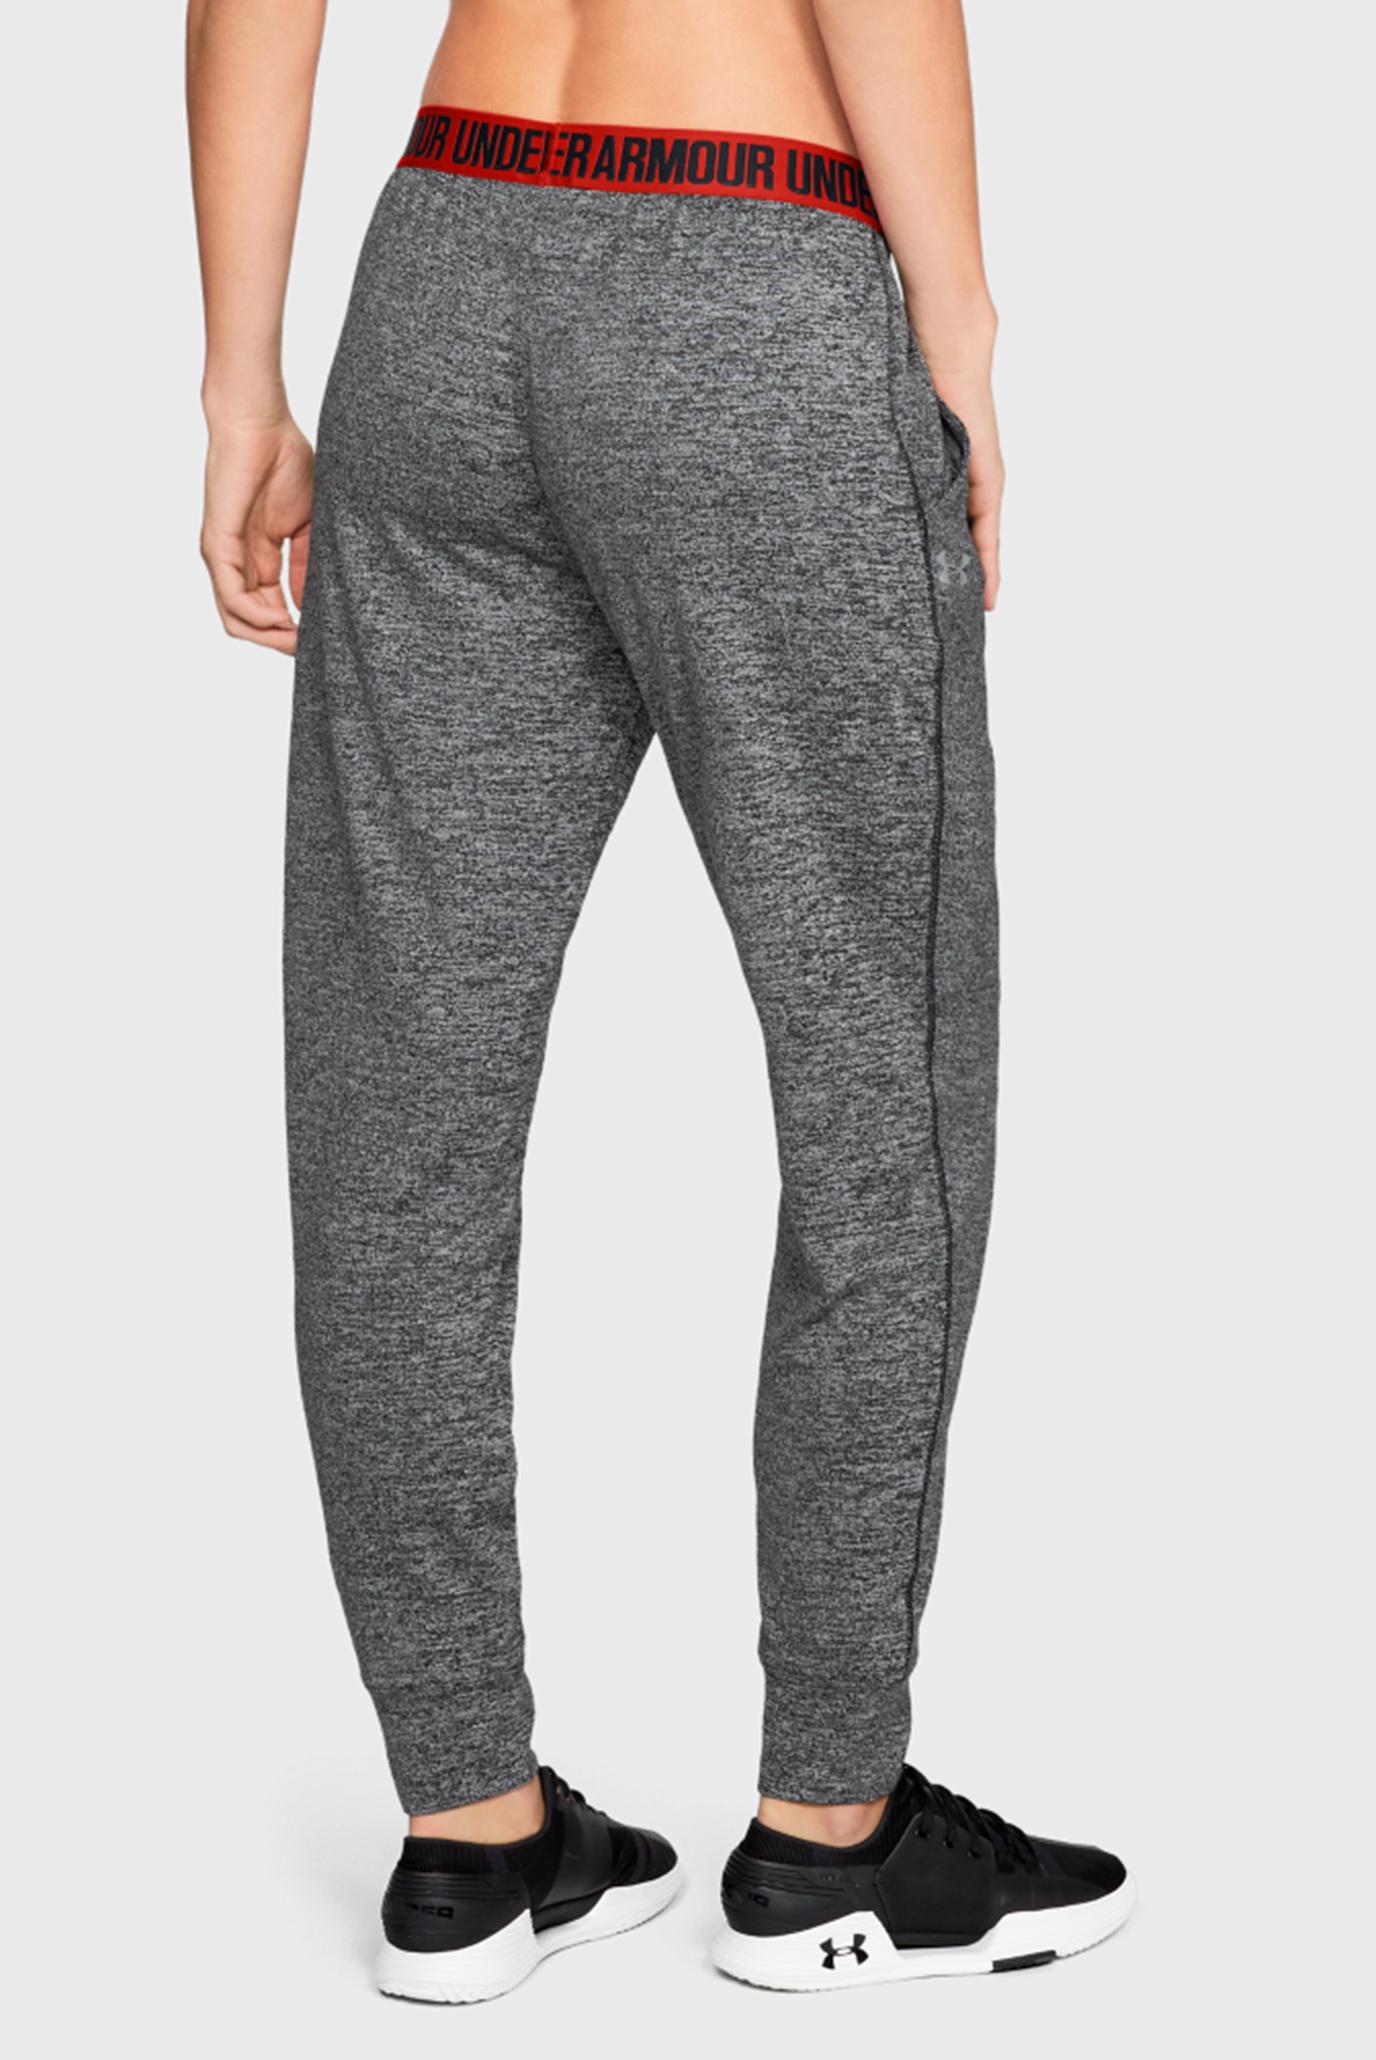 Купить Женские серые спортивные брюки Play Up Pant - Twist Under Armour Under Armour 1311331-003 – Киев, Украина. Цены в интернет магазине MD Fashion